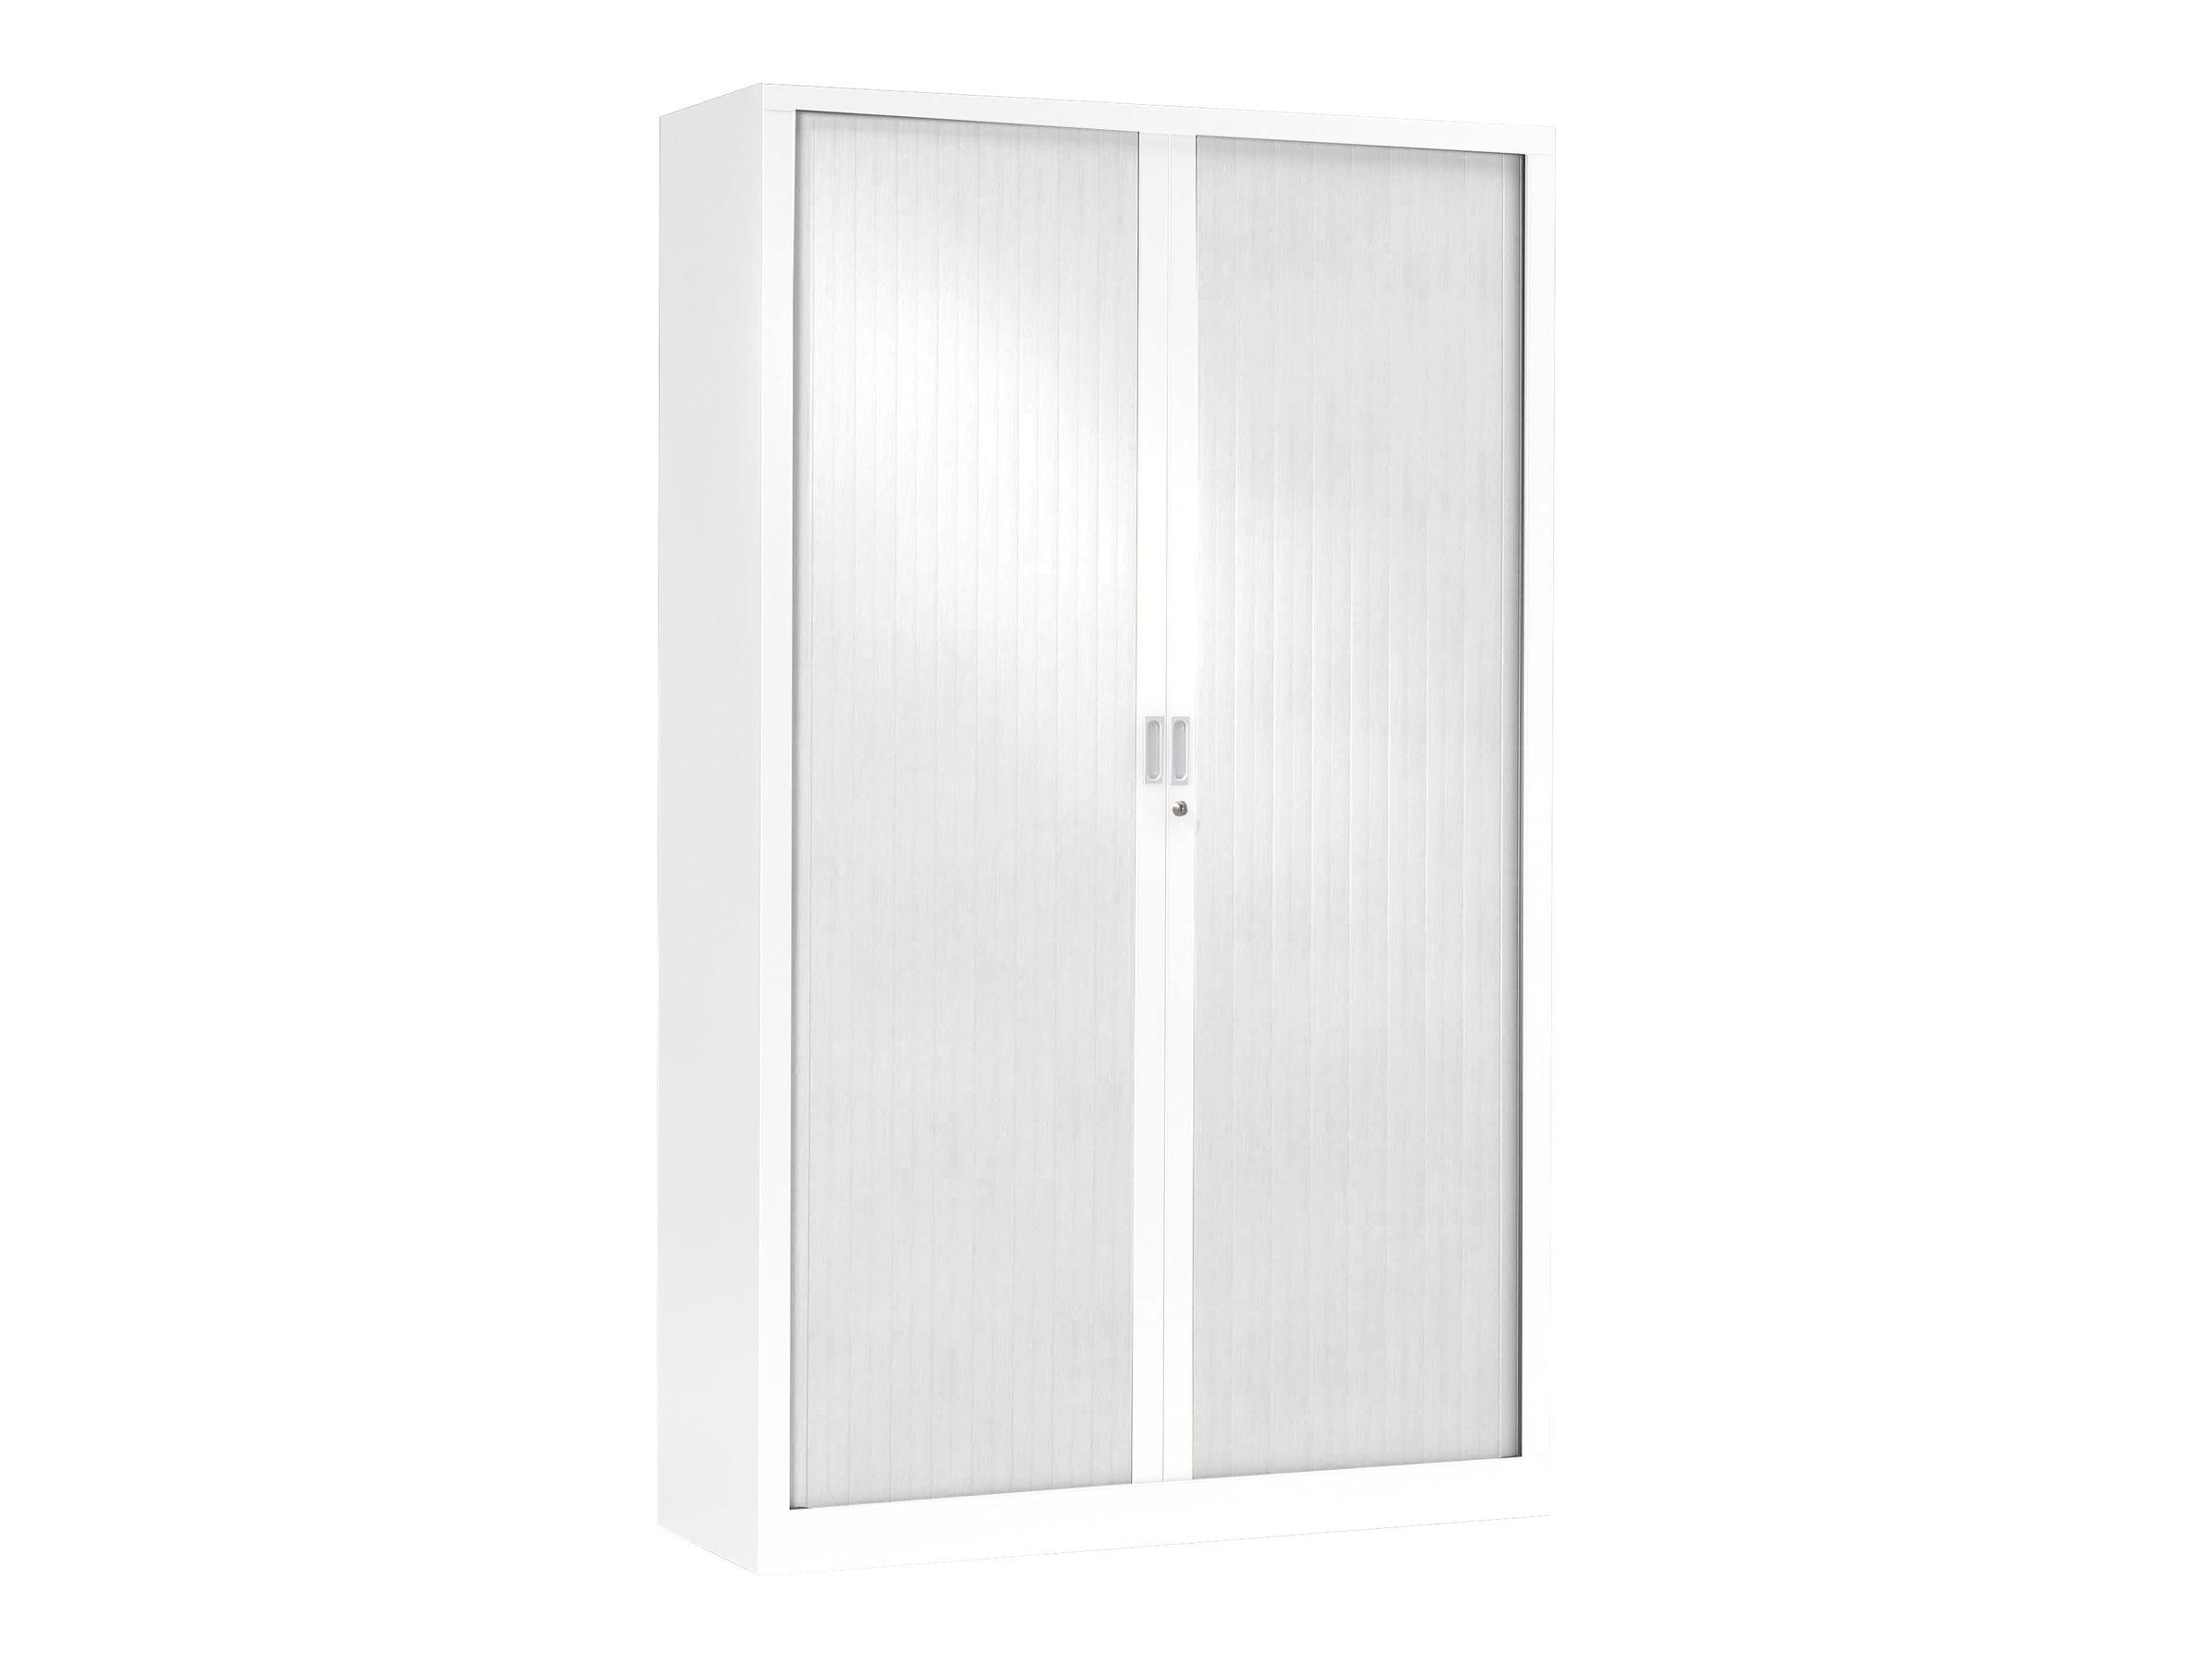 Rideaux Nouettes Ikea – Maison Image Ideas